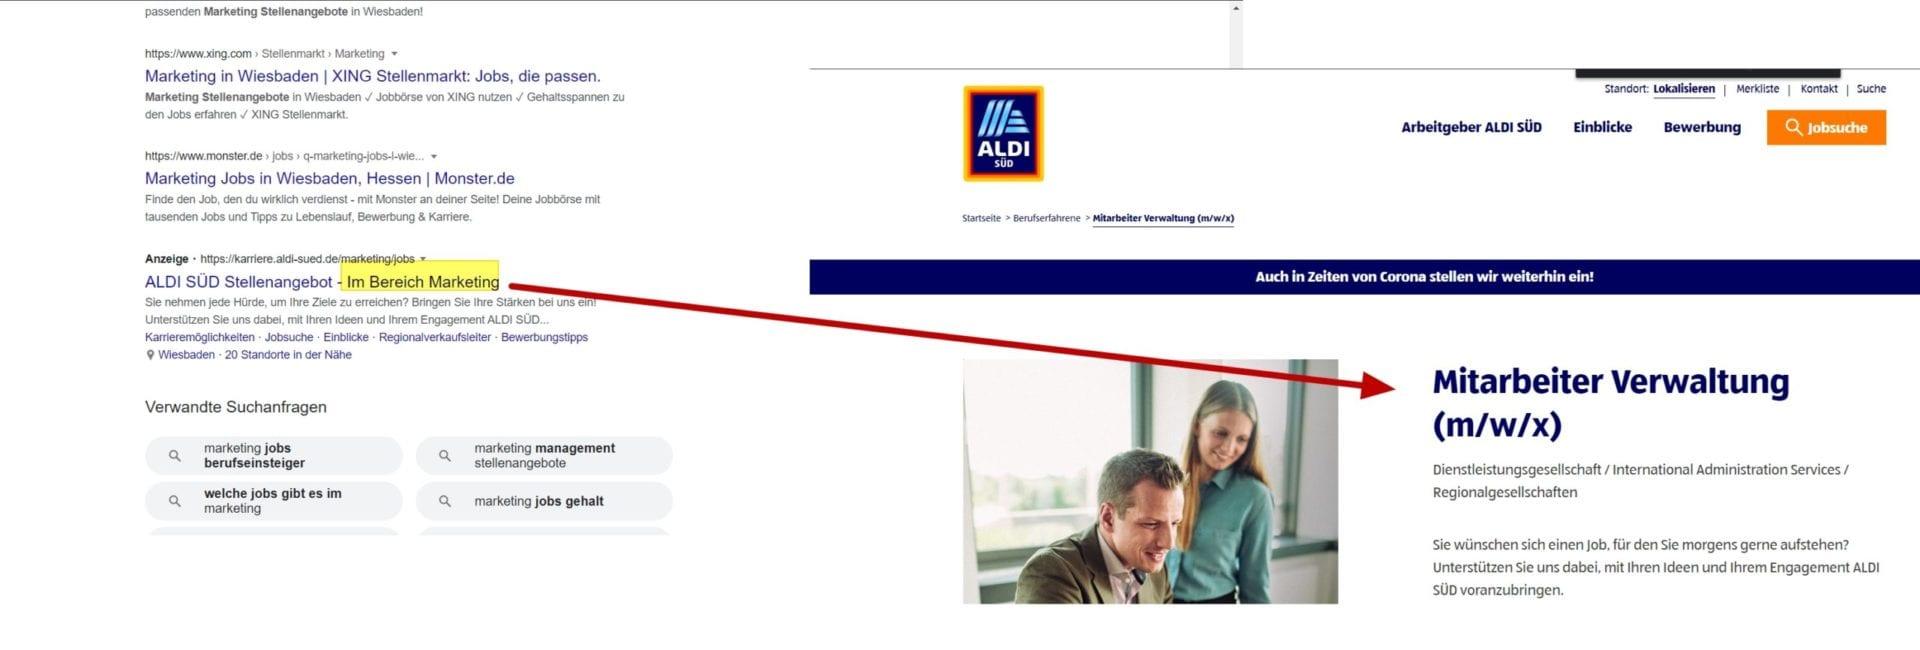 Google Ads im Recruiting - so nicht. Die Versprechen werden auf der Karriere-Landing-Page nicht eingelöst, der Interessent ist weg